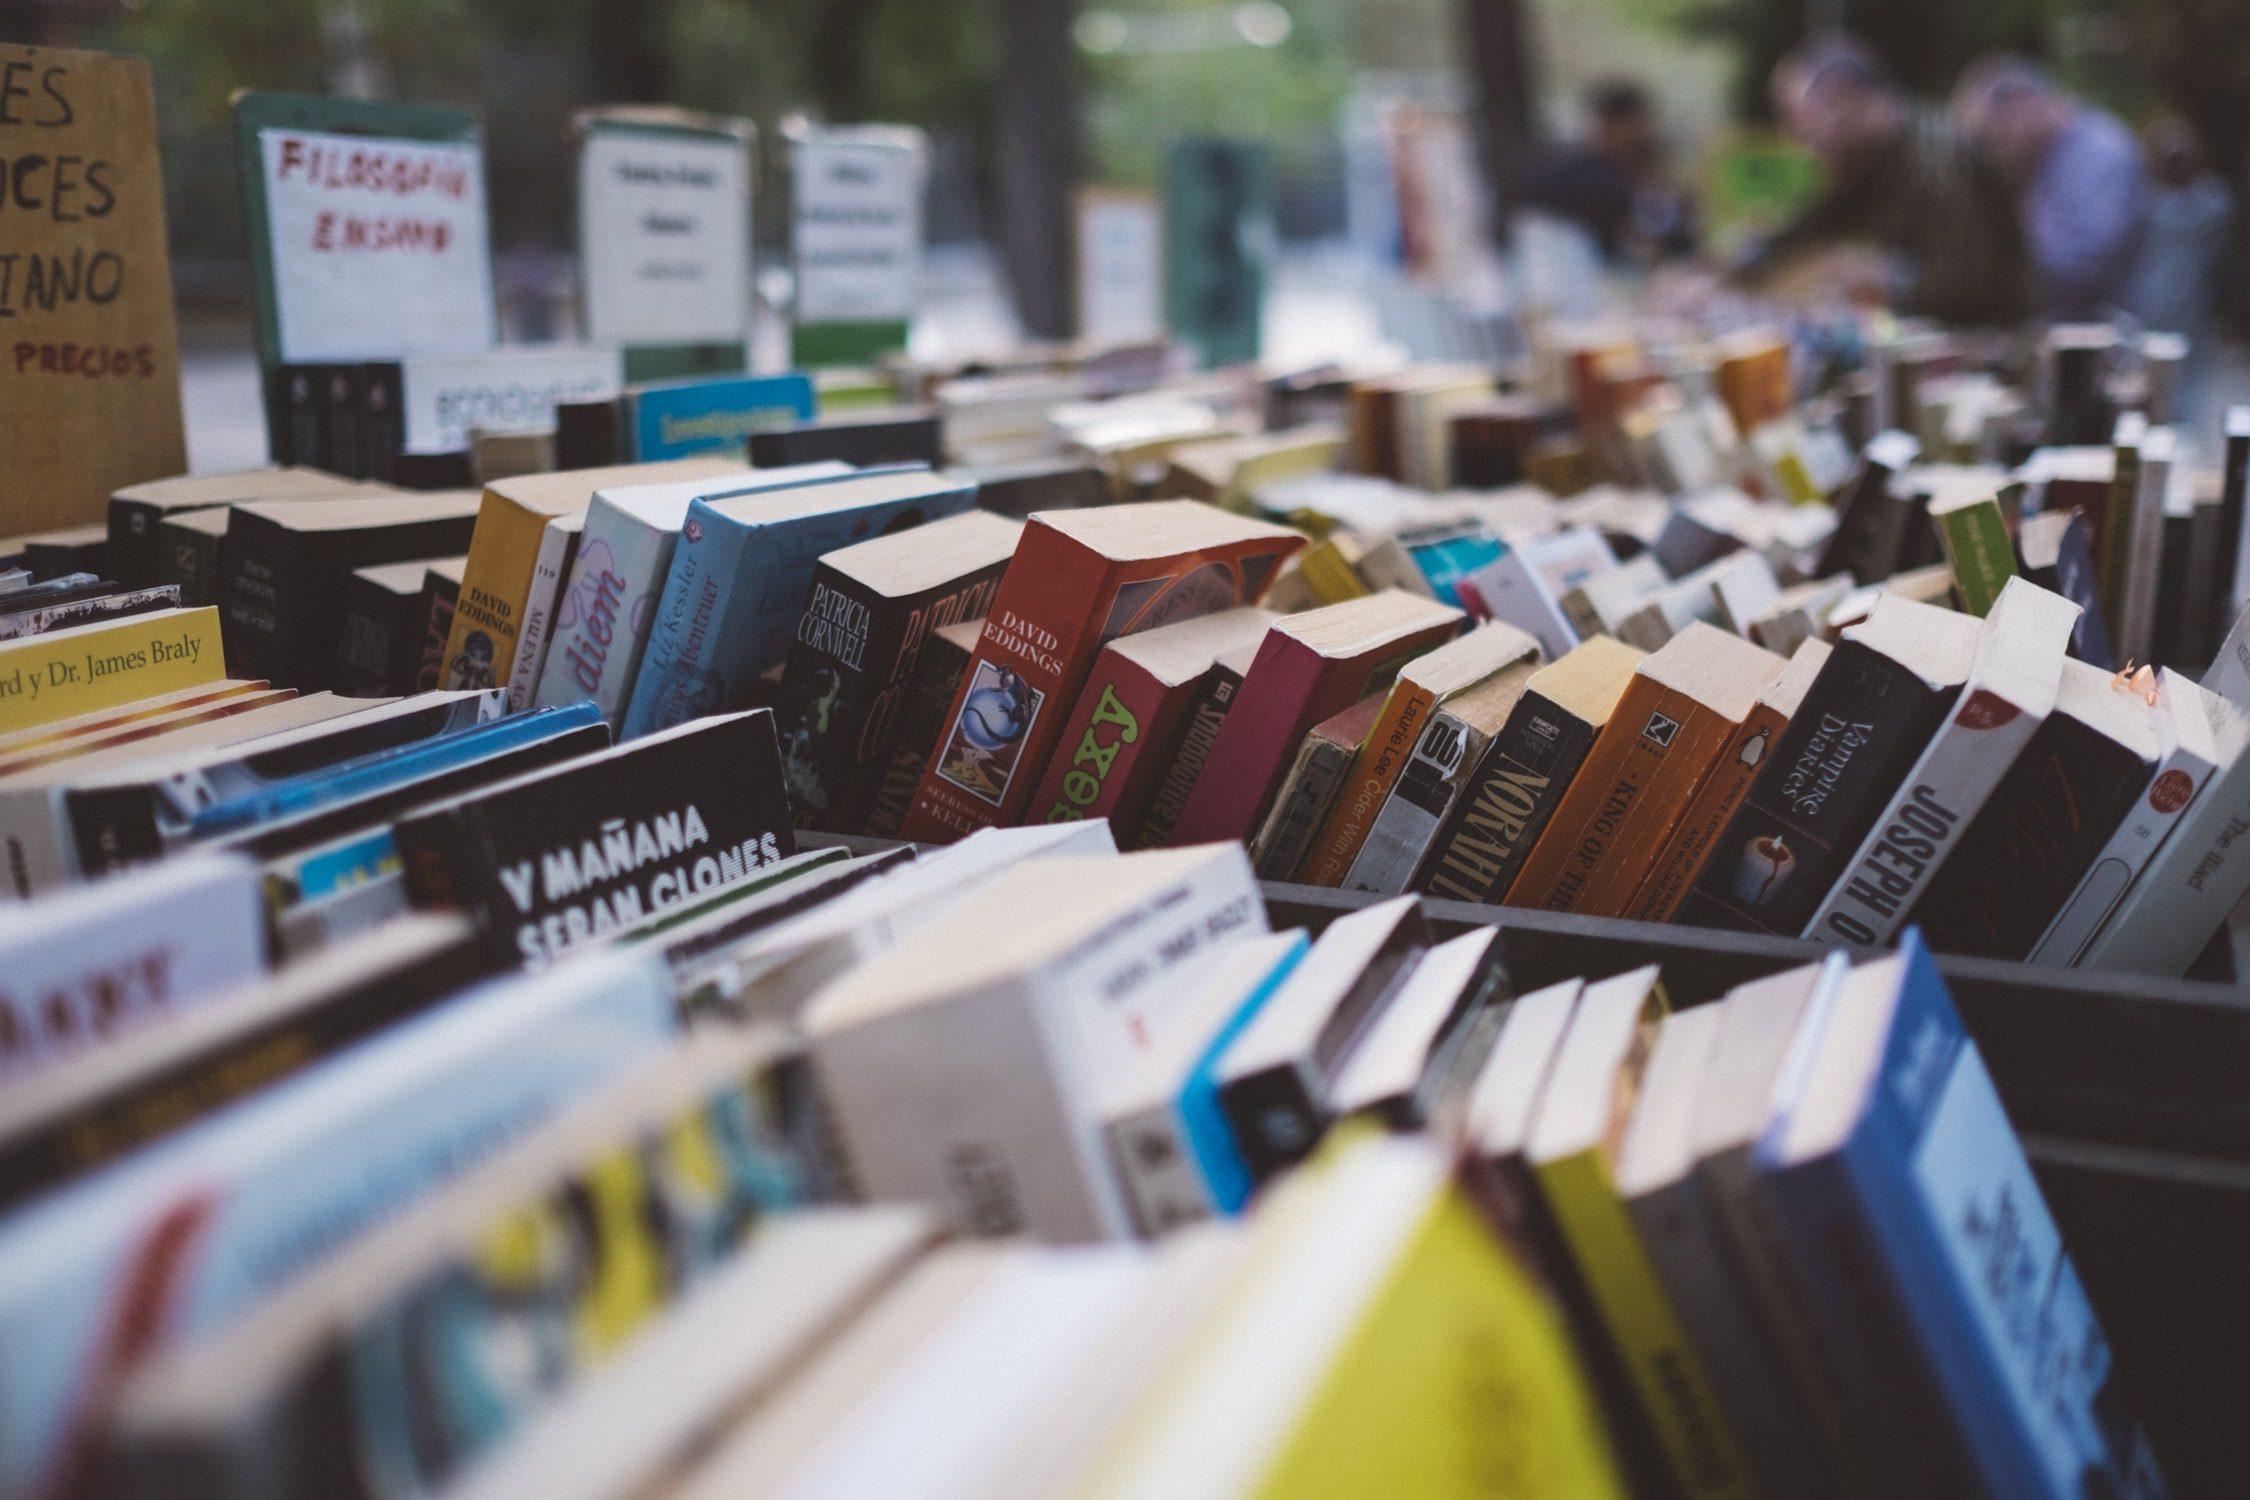 Je soutiens les libraires indépendants quand je fais des achats en ligne